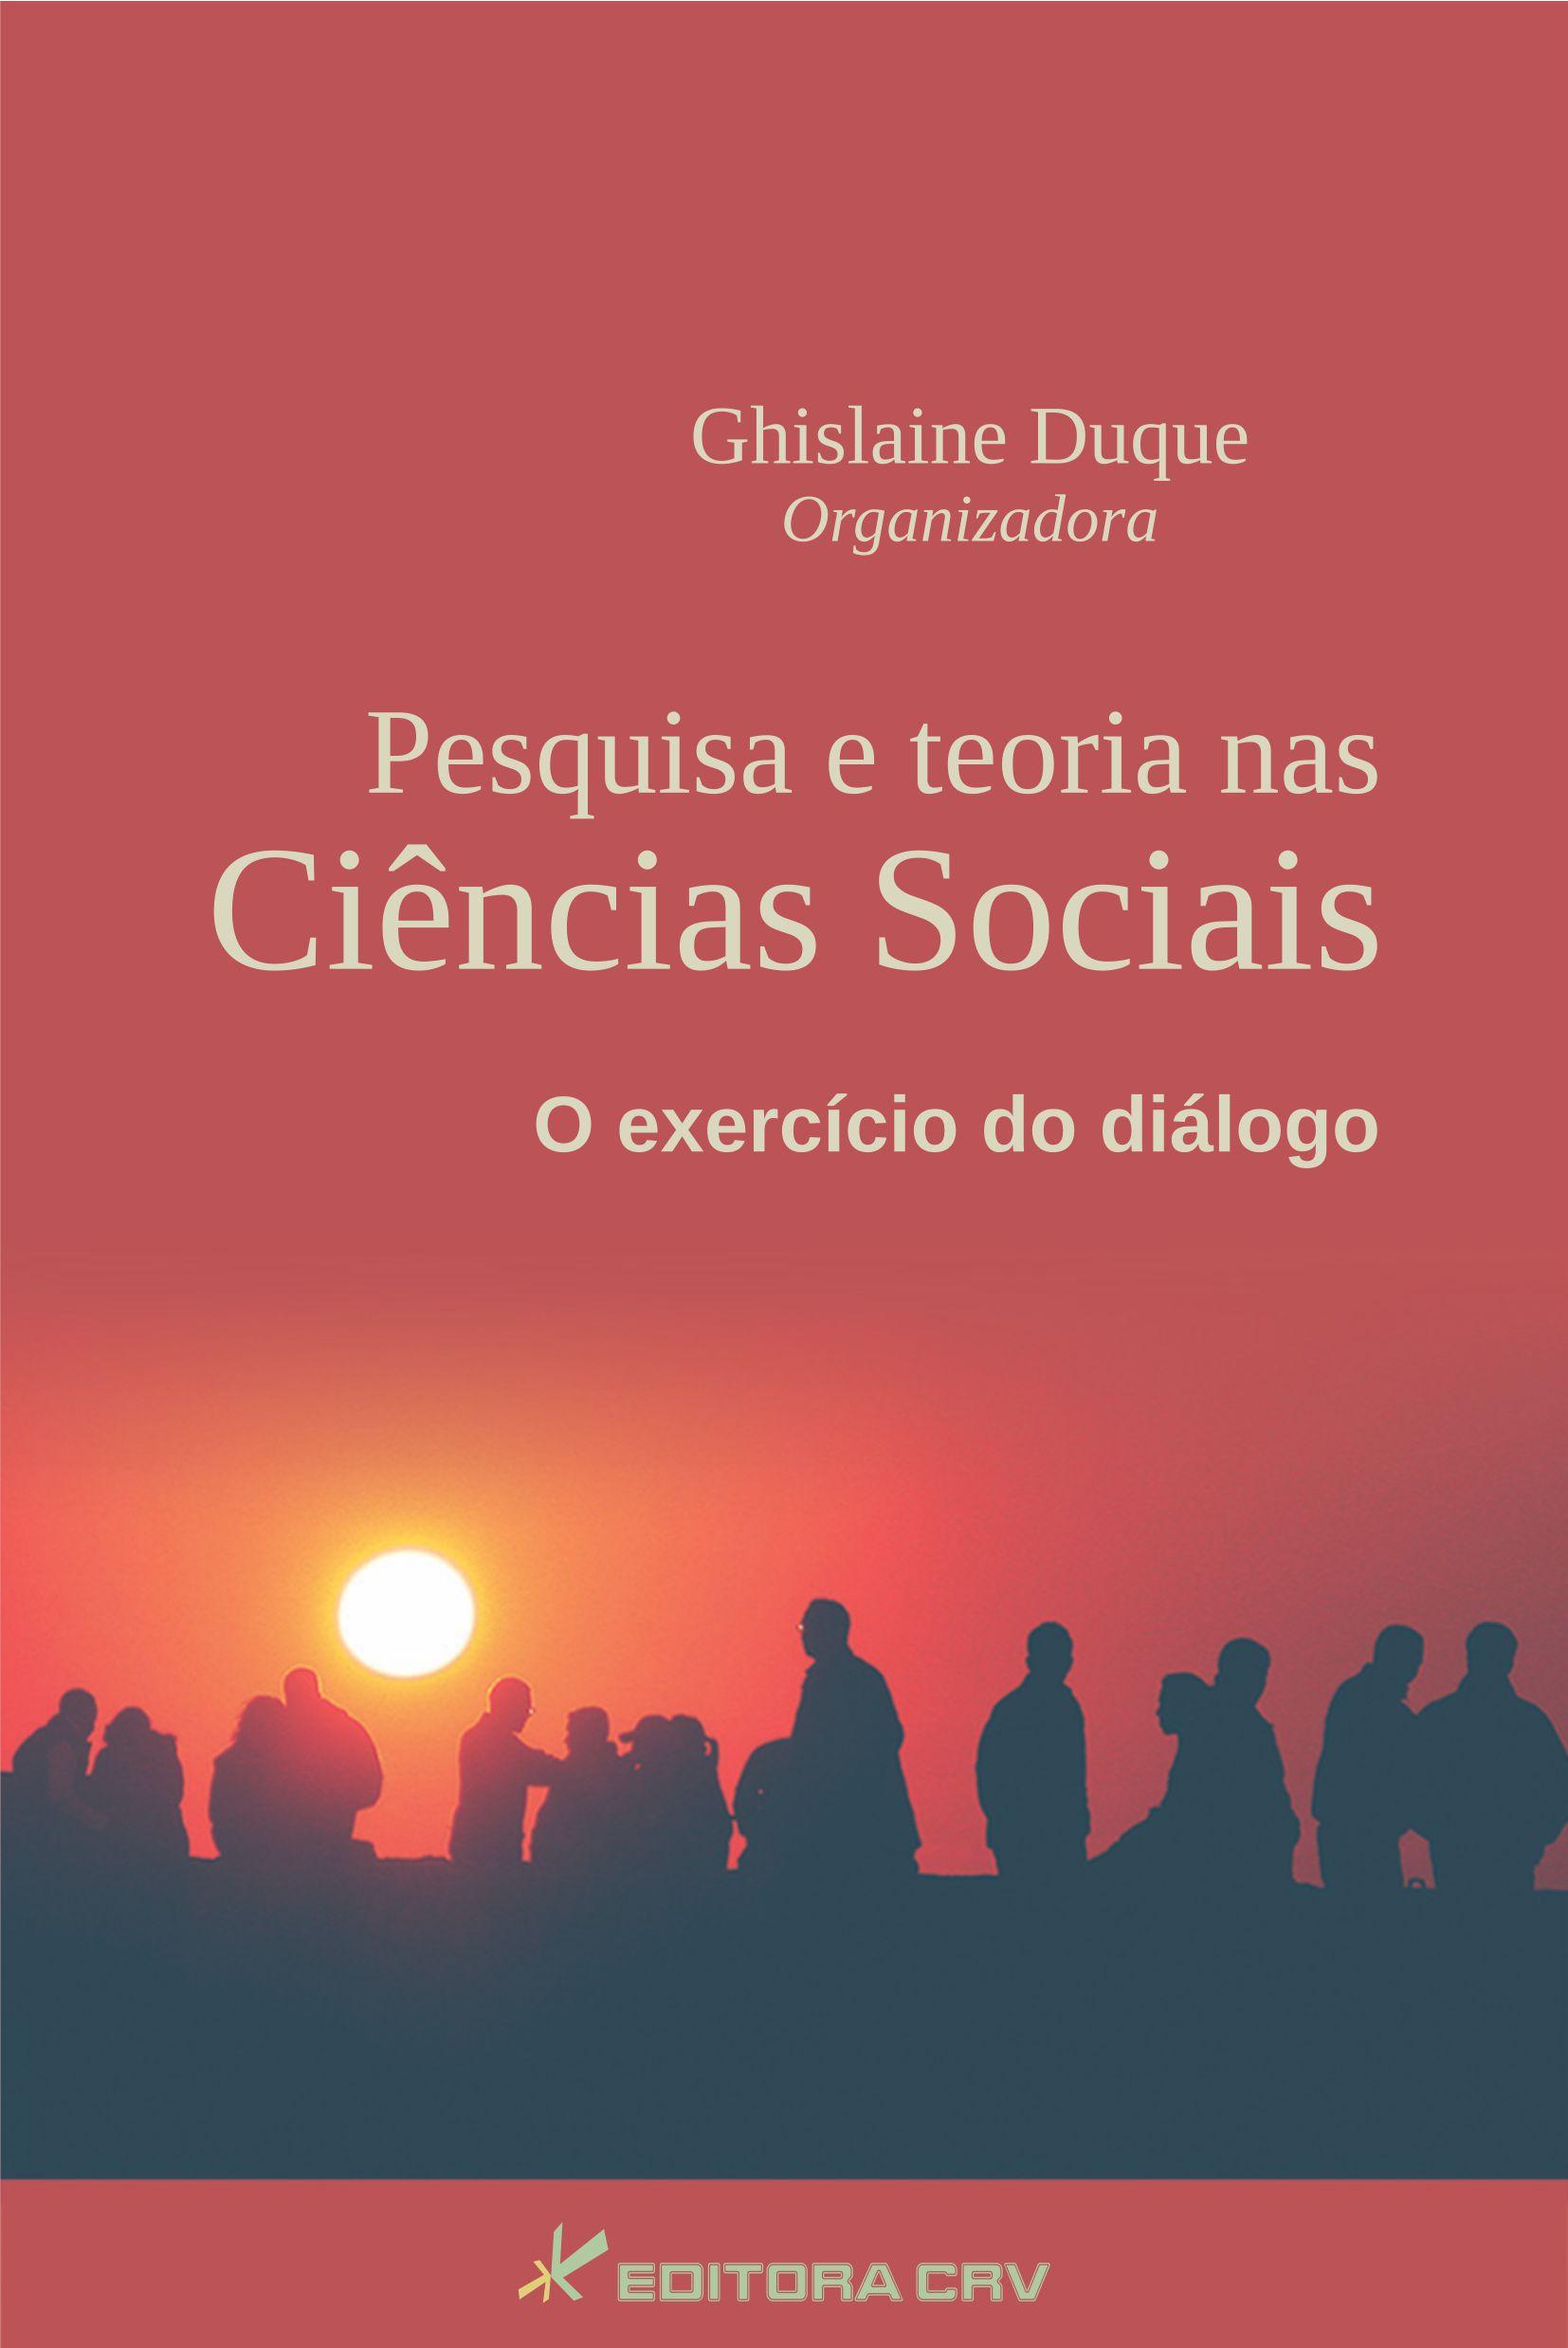 Capa do livro: PESQUISA E TEORIA NAS CIÊNCIAS SOCIAIS:<br> o exercício do diálogo